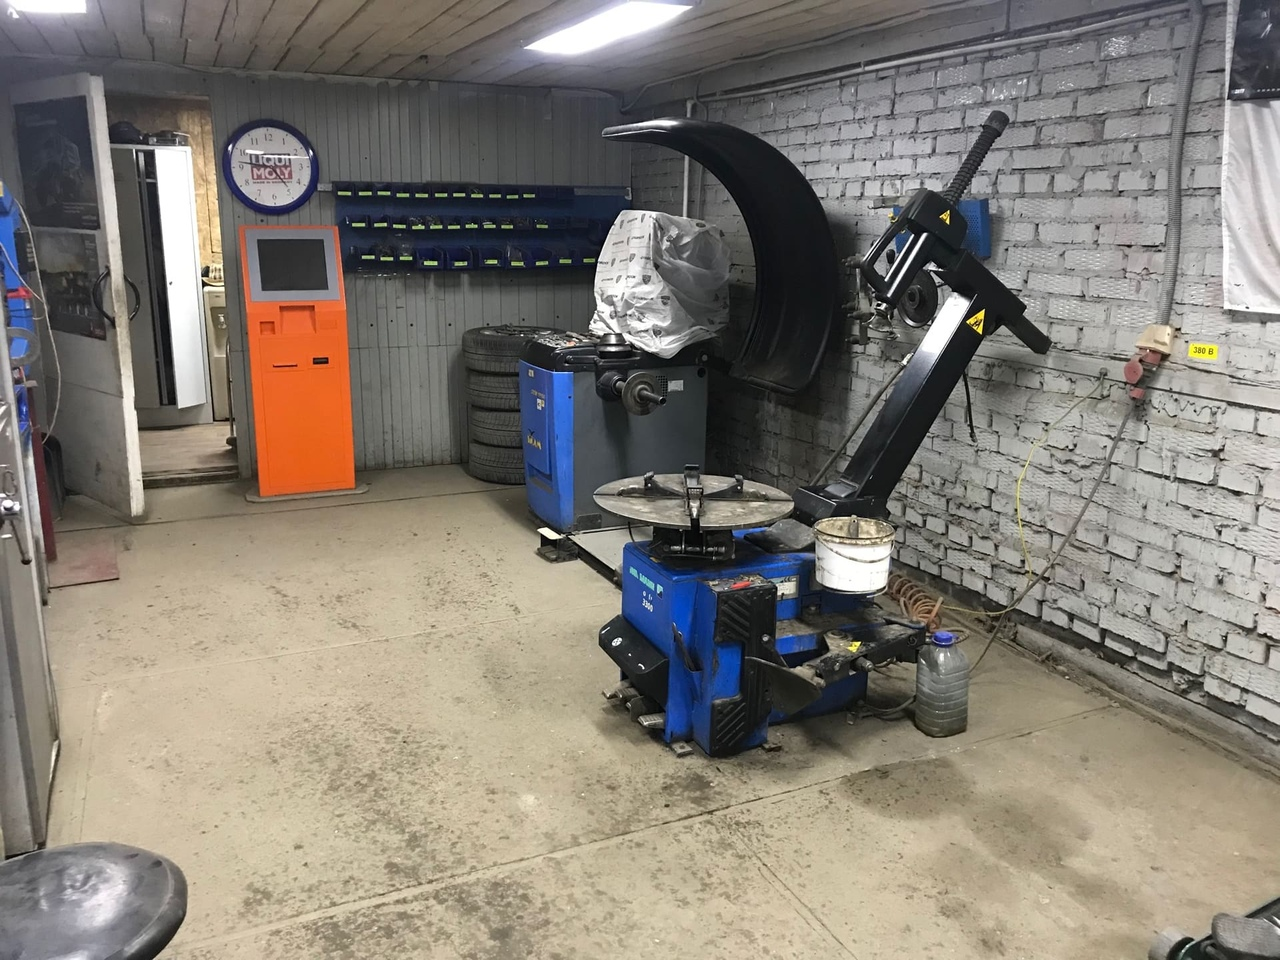 Современное оборудование для шиномонтажа в Шинном центре МВБ, Луховицы, 136 км трассы М5